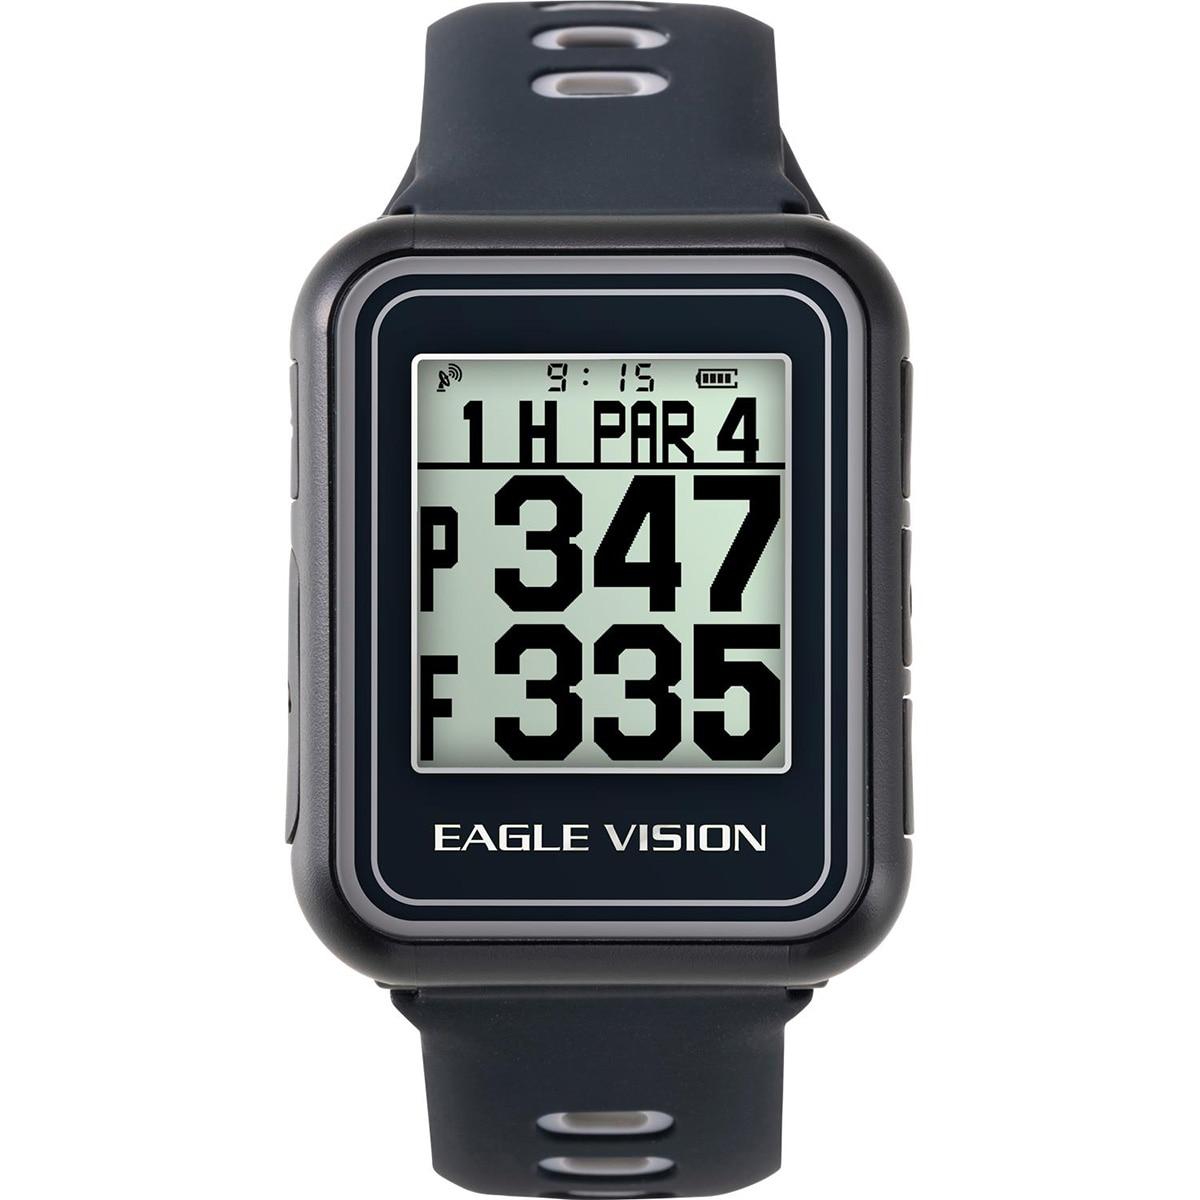 EAGLEVISION GPS EAGLE VISION watch5 EV-019 BK 4981318485528